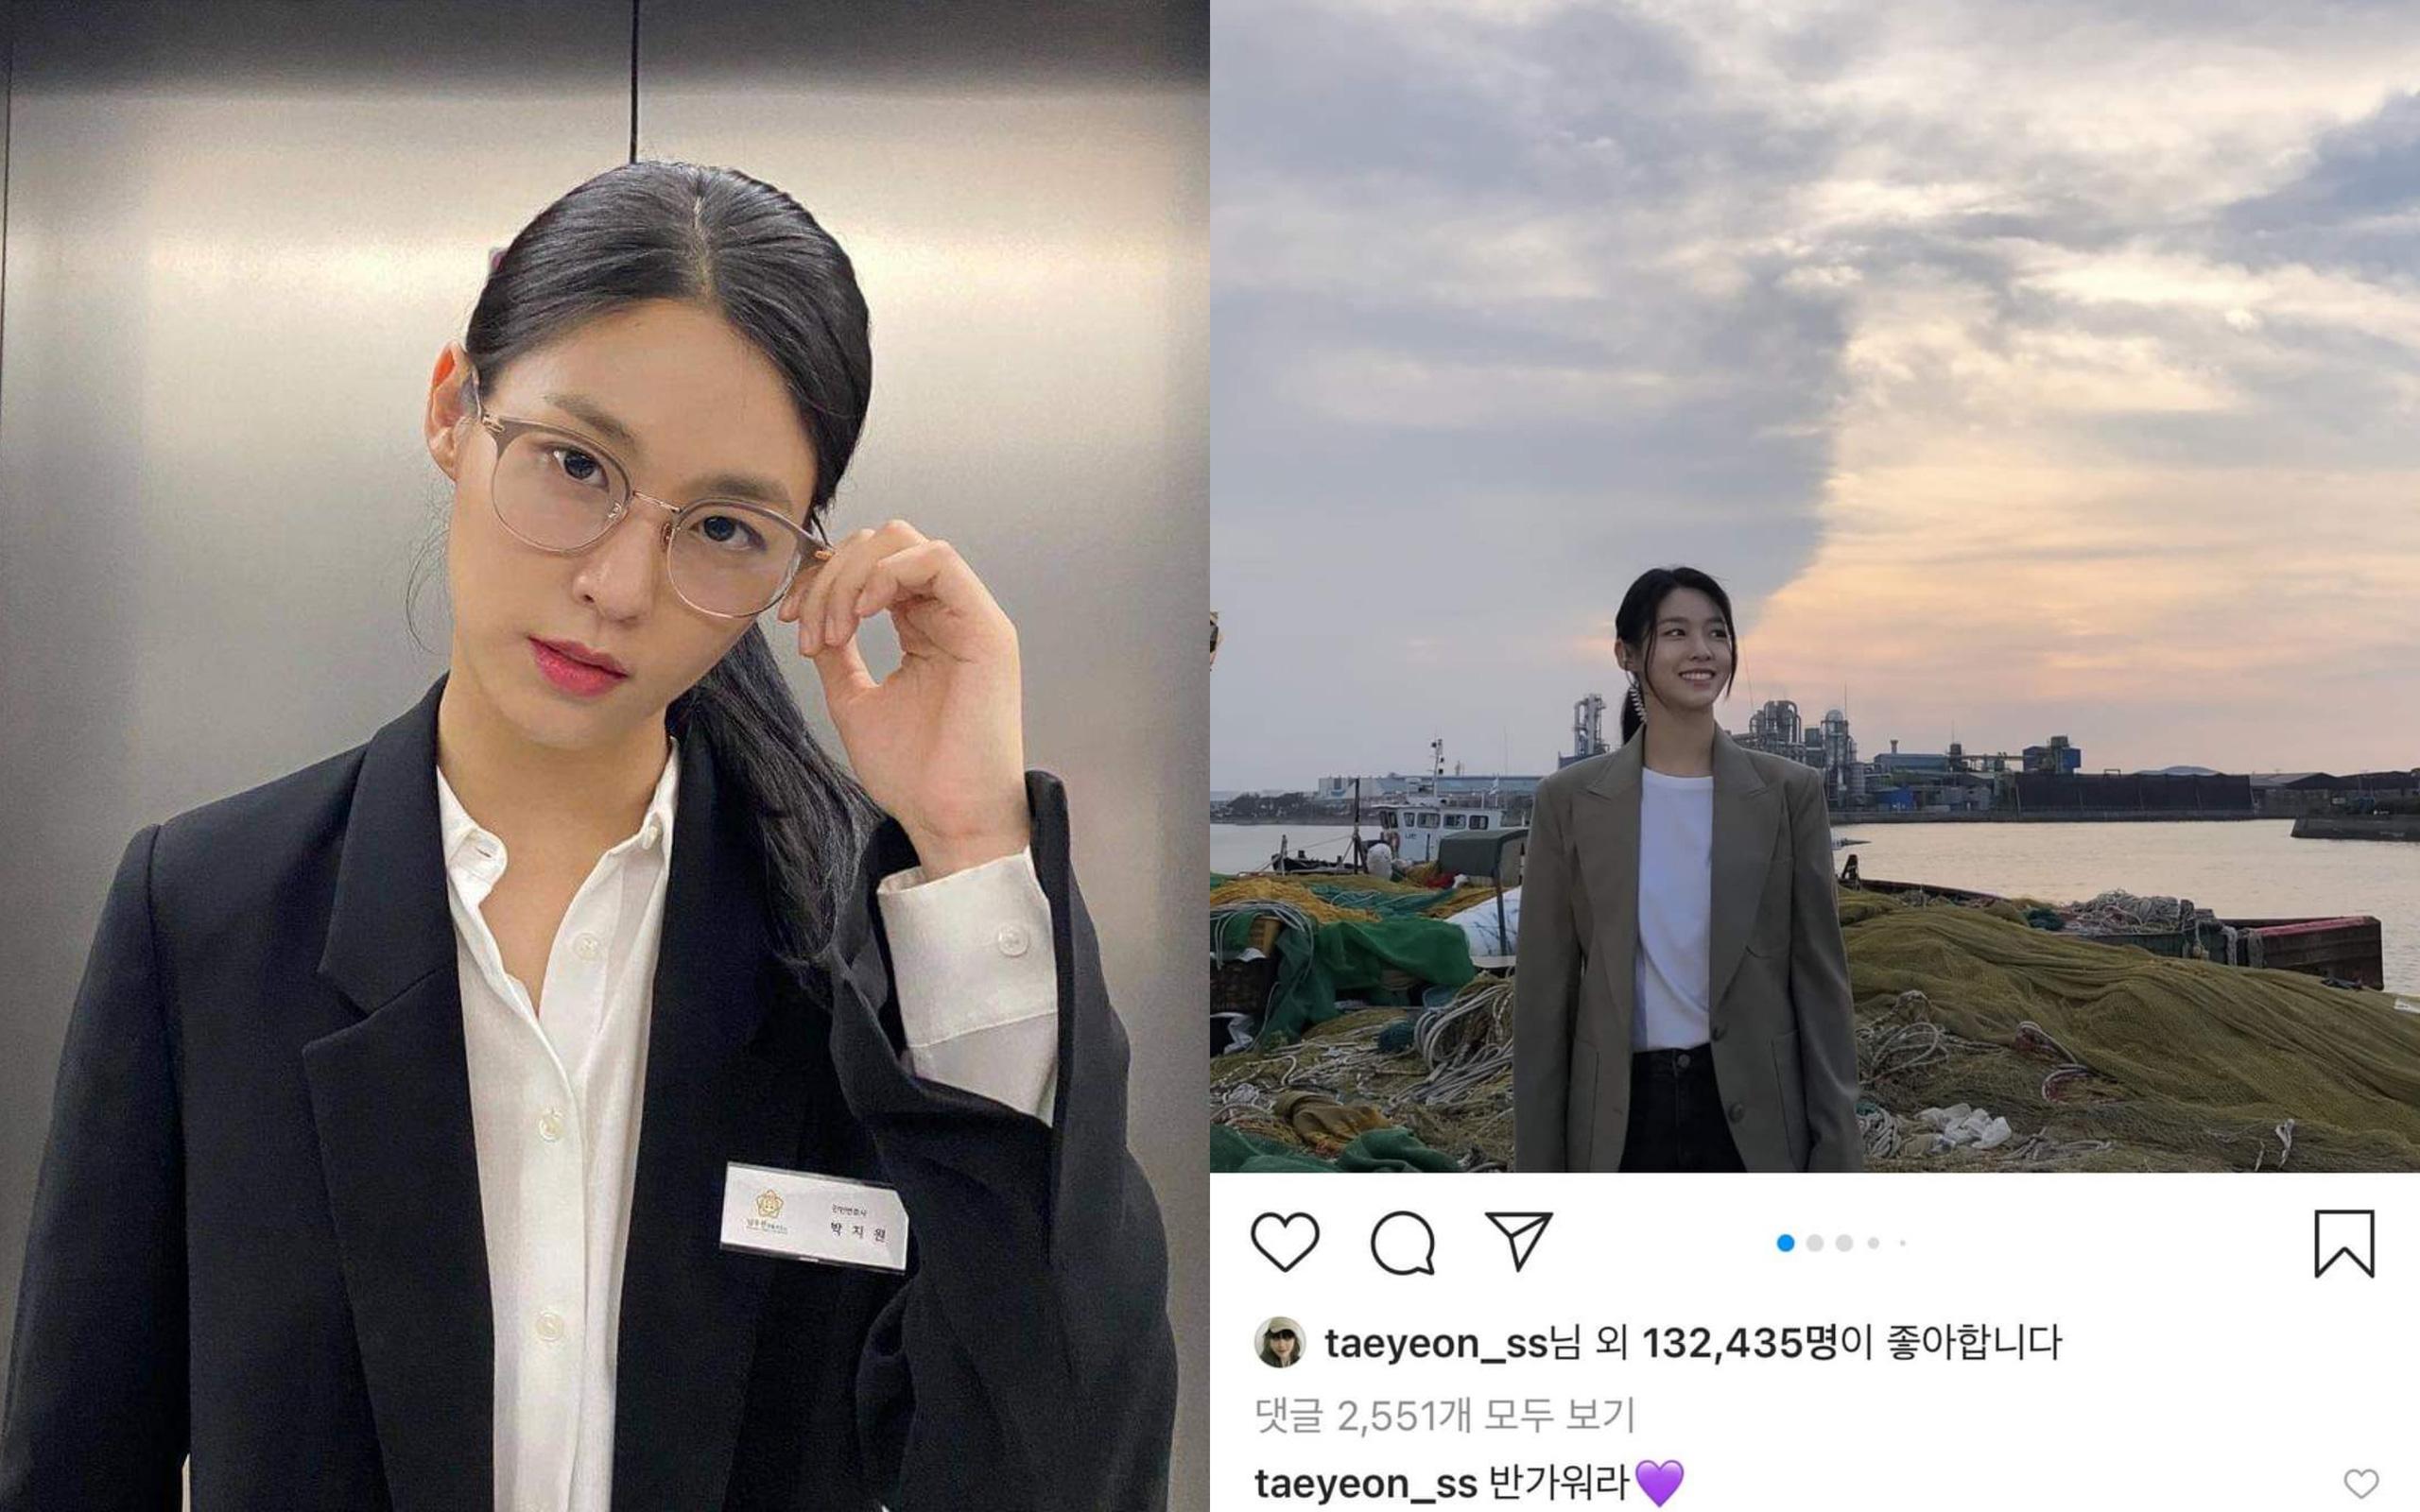 """""""Bảo vật quốc dân"""" Seolhyun trở lại sau 6 tháng bê bối bắt nạt nội bộ AOA, được Taeyeon ủng hộ nhưng vẫn ăn """"gạch"""" kịch liệt?"""